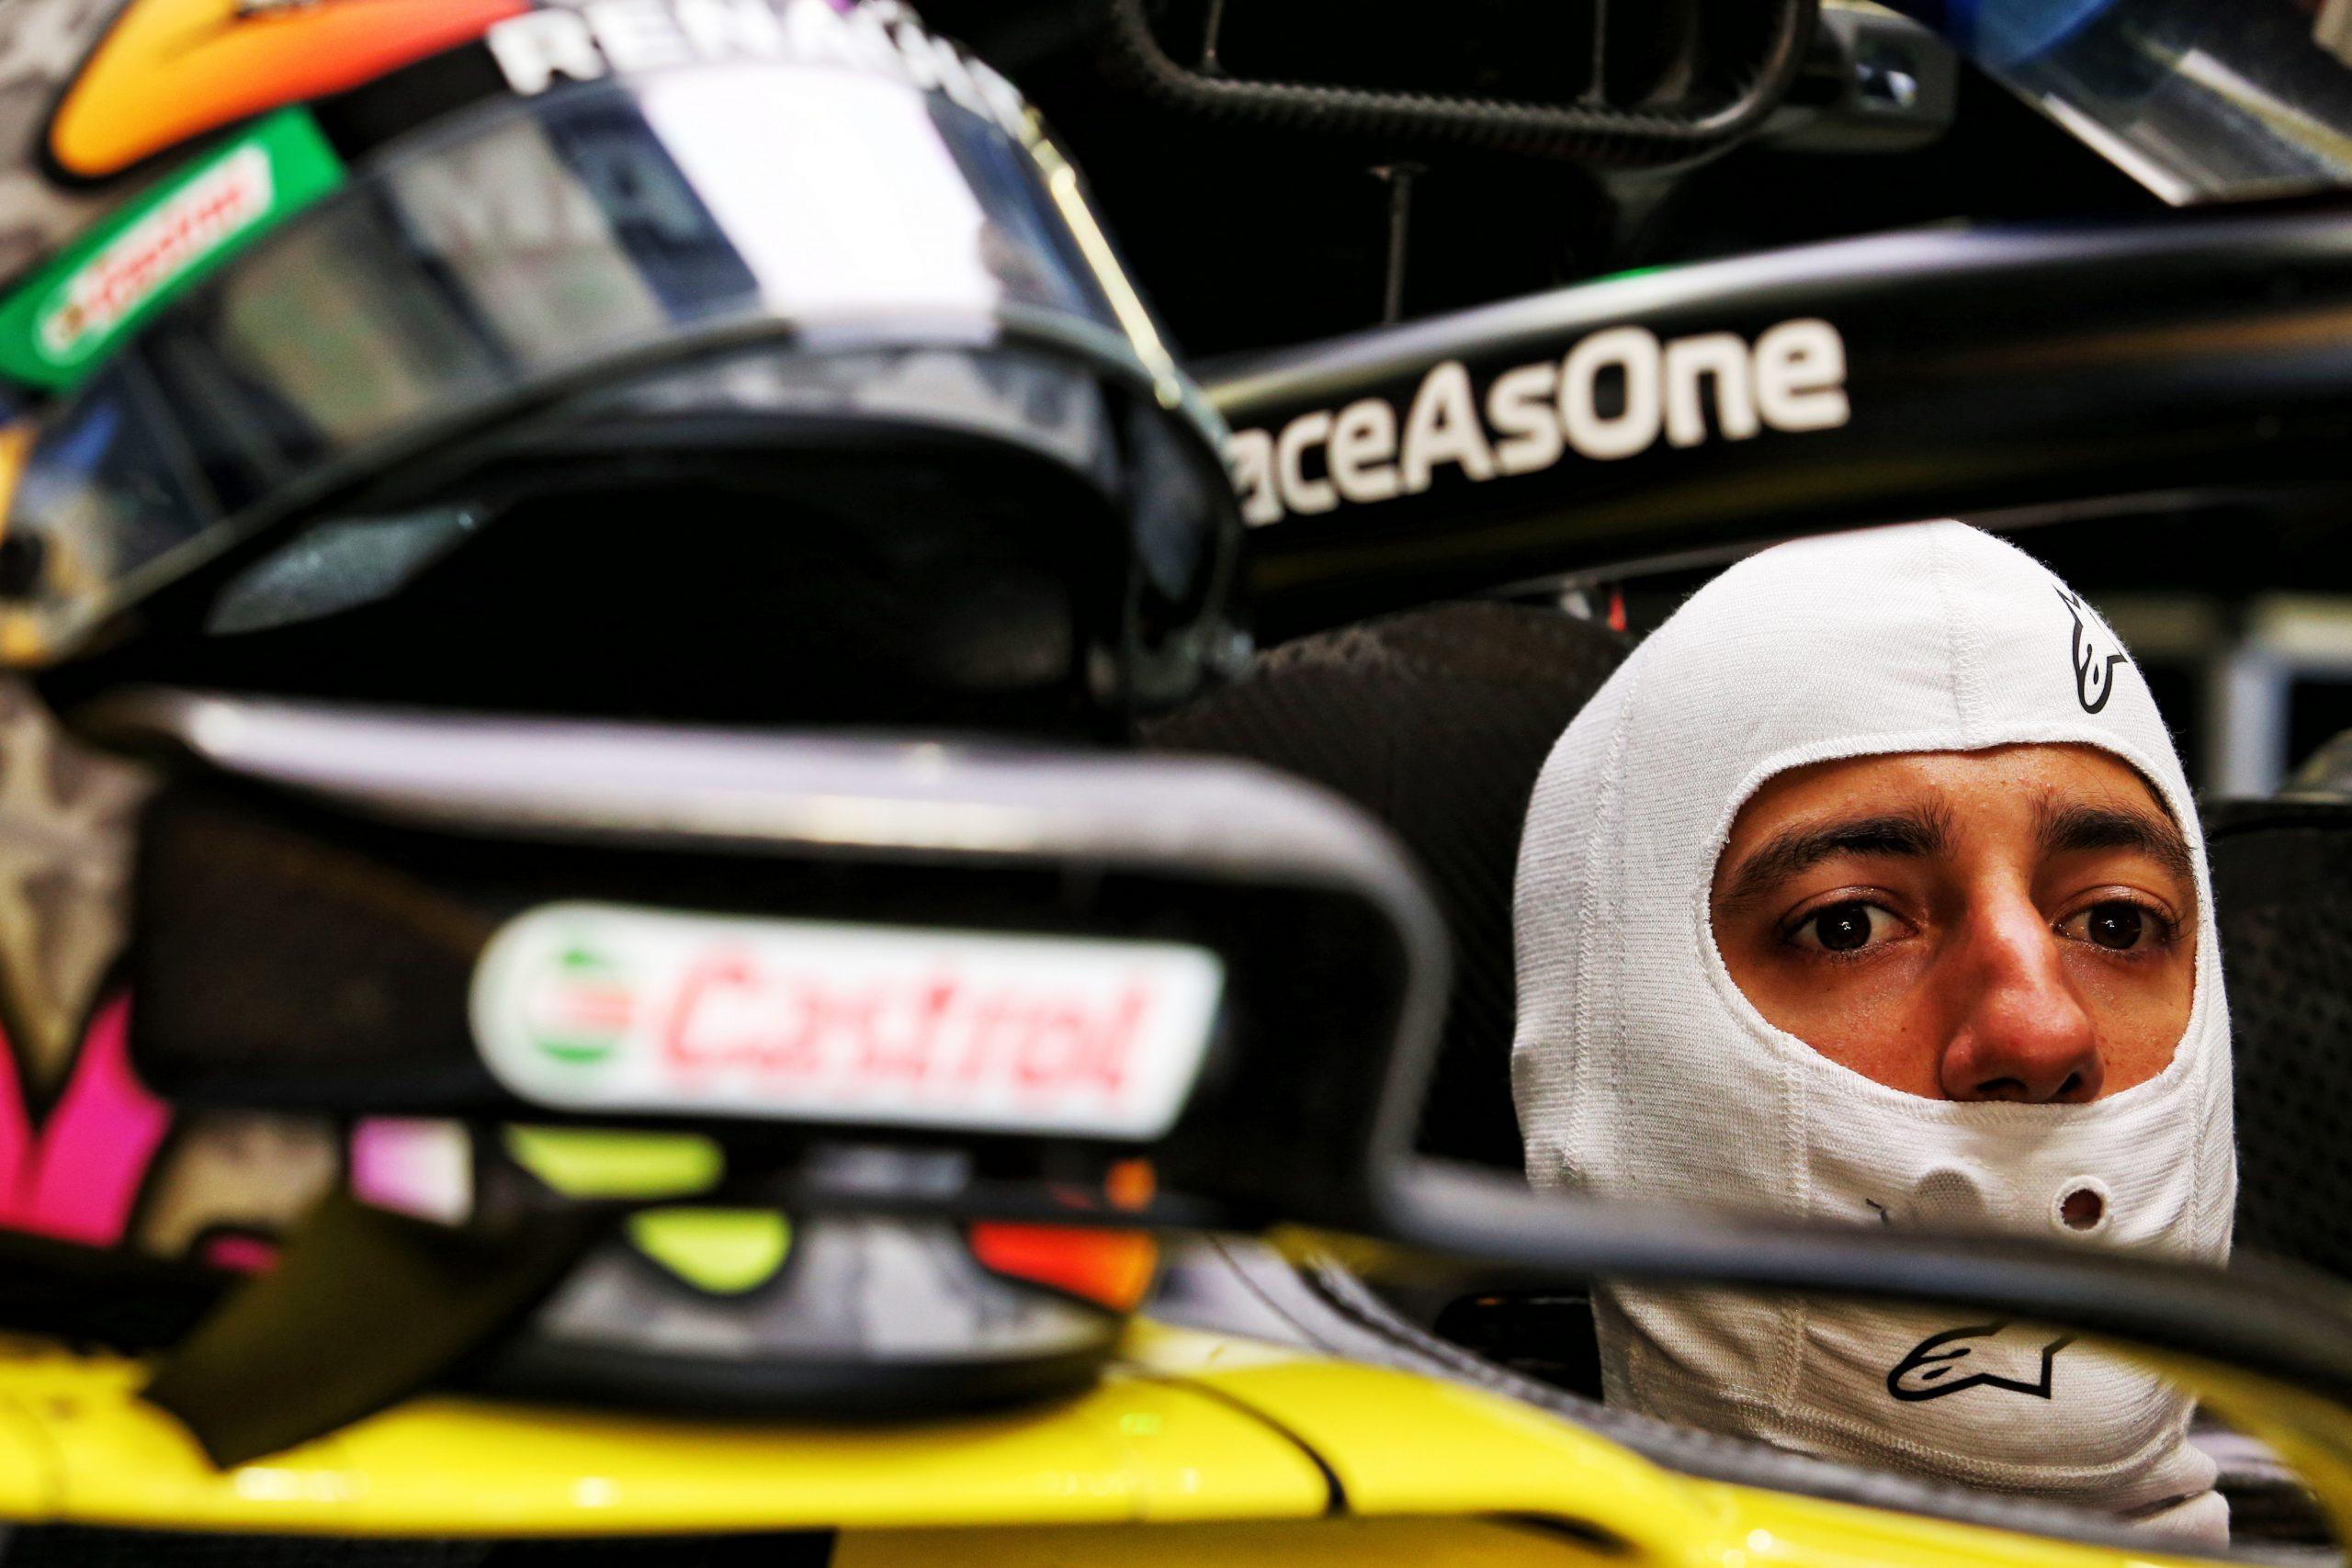 Après son crash, Ricciardo va bien mais a mal pour son équipe 1